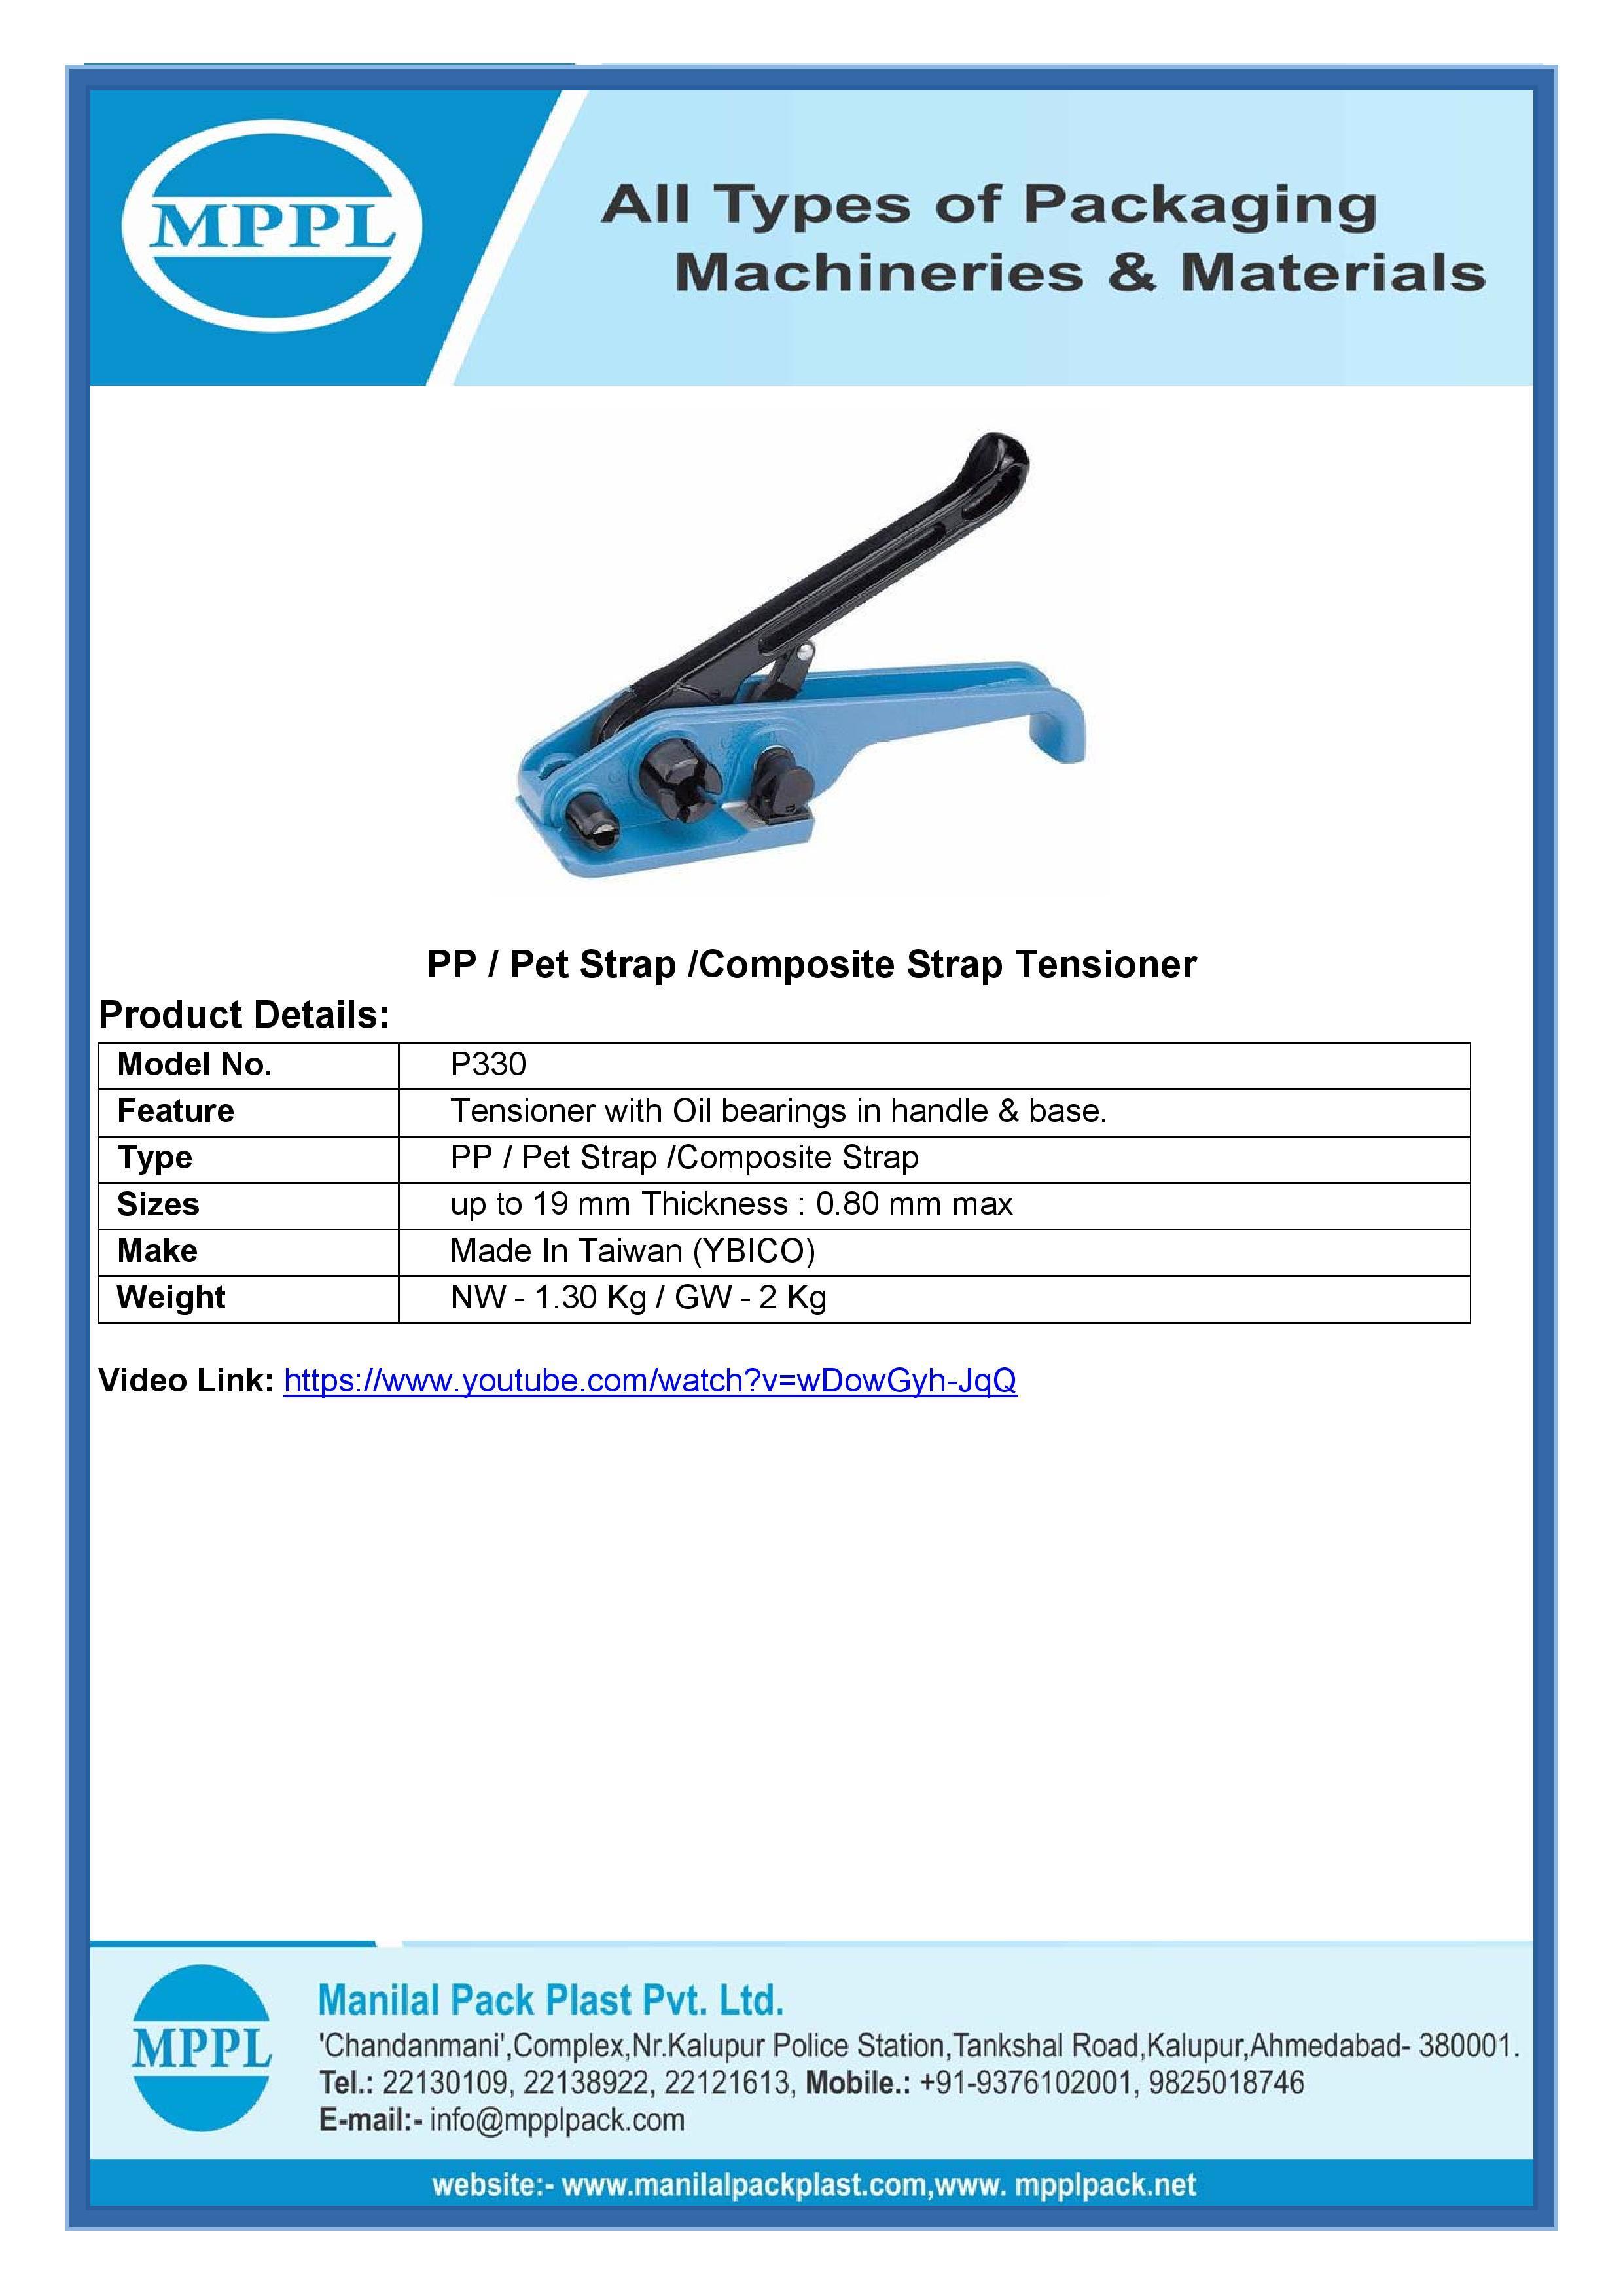 PP Pet Strap Composite Tensioner P330